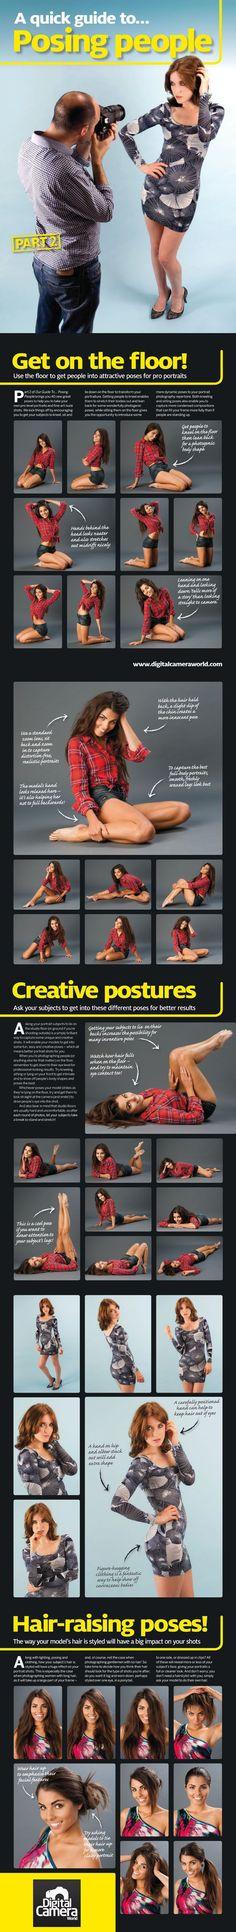 poses fotografia  | http://pachucochilango.com